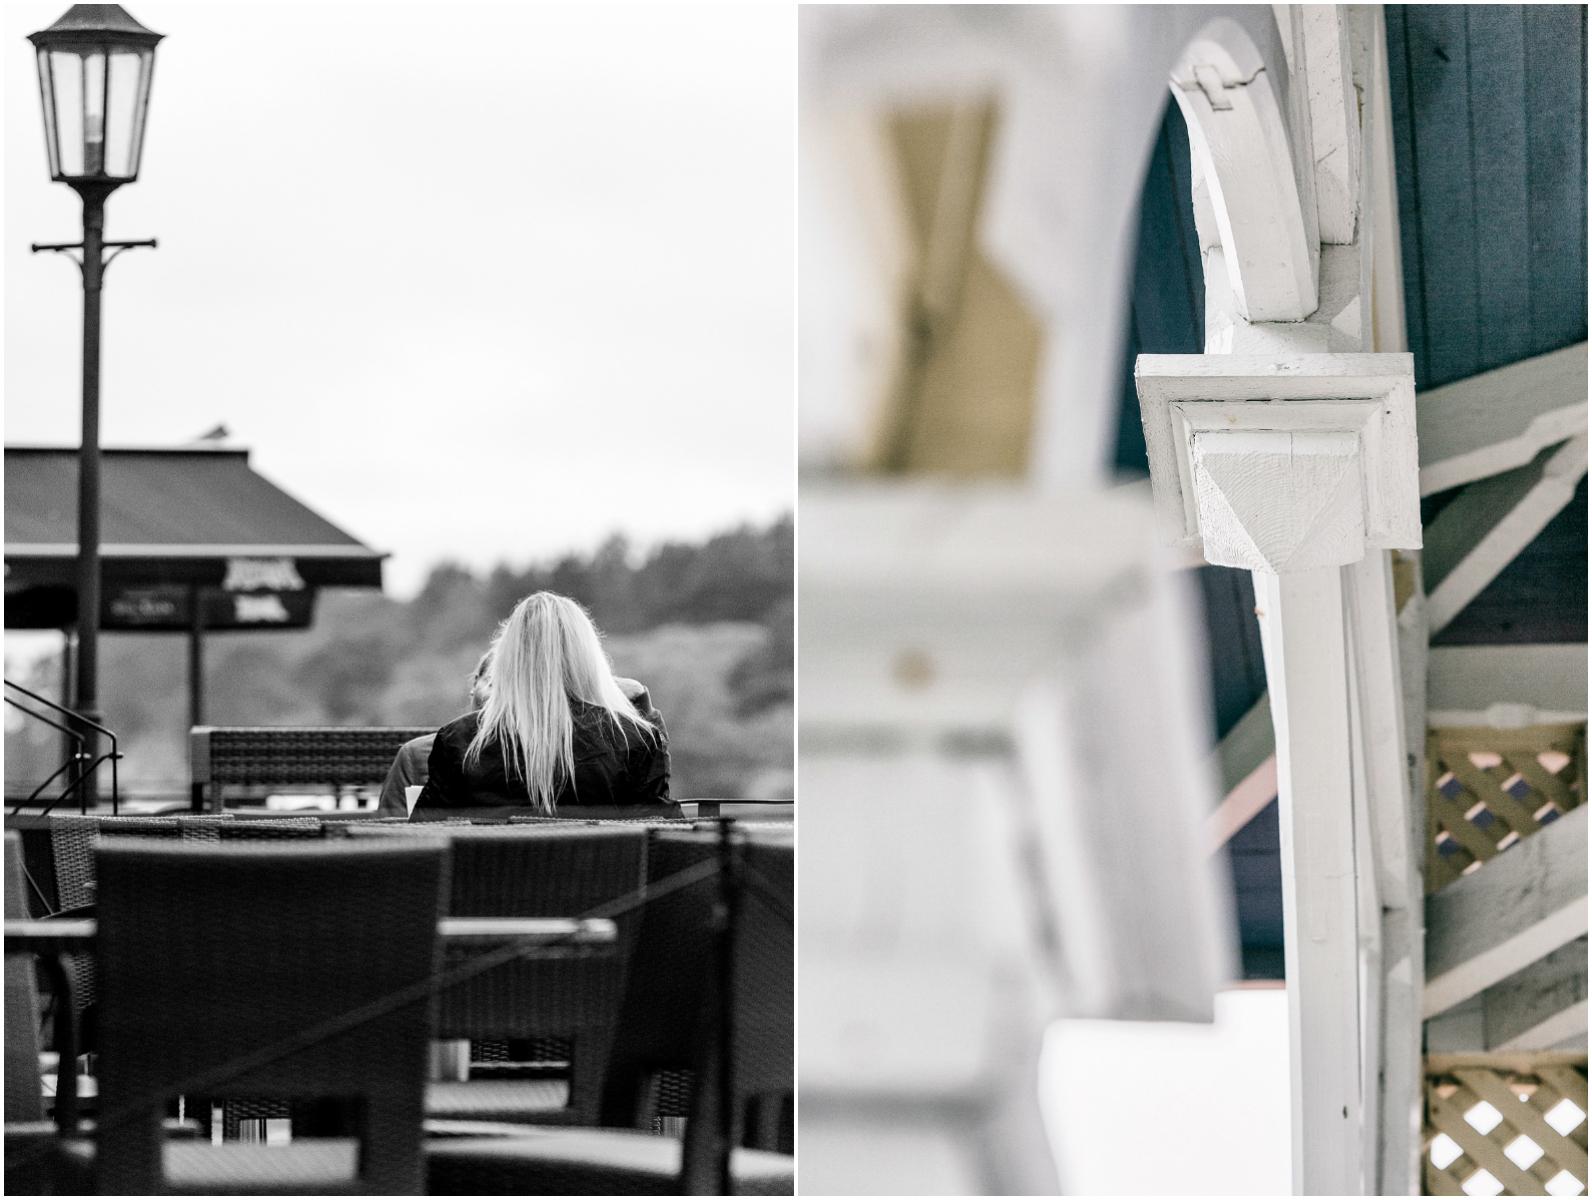 Naantali, visitnaantali, suomi, finland, finland photolovers, summer, kesä, kesäkaupunki, matkailu, kotimaan matkailu, matkustus, Visualaddict, valokuvaaja, Frida Steiner, photographer, photographerlife, old town, vanha kaupunki